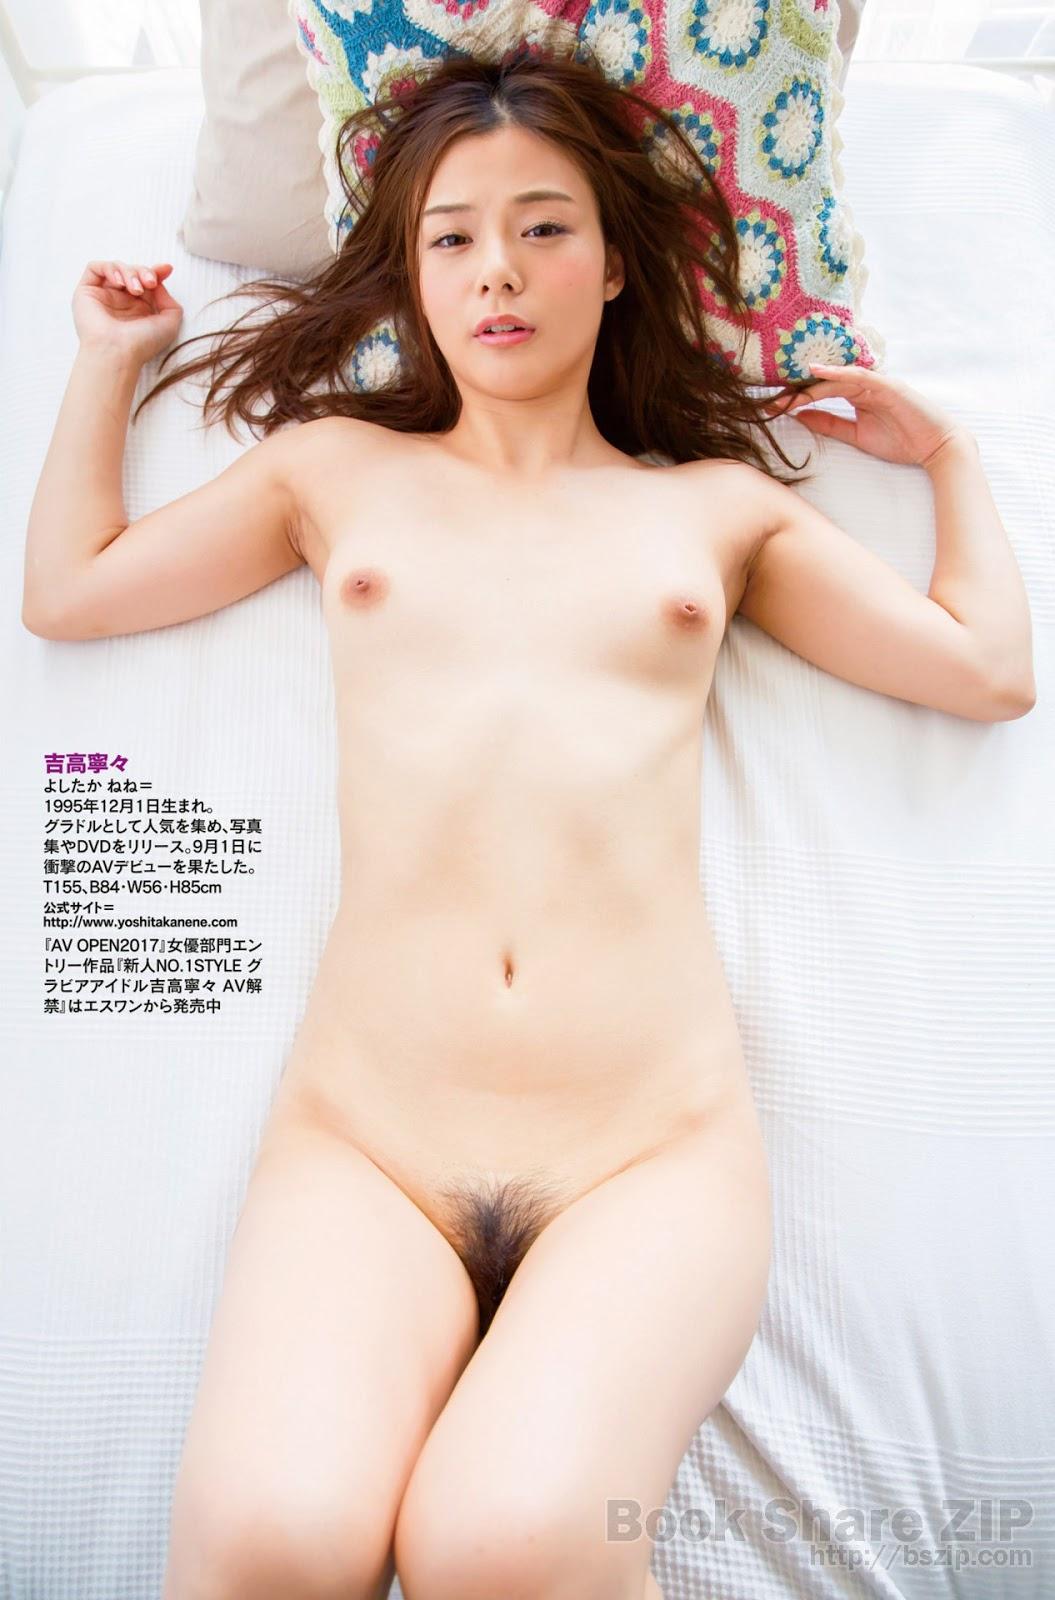 Nene Yoshitaka 吉高寧々, Shukan Jitsuwa 2017.10.12 (週刊実話 2017年10月12日号)